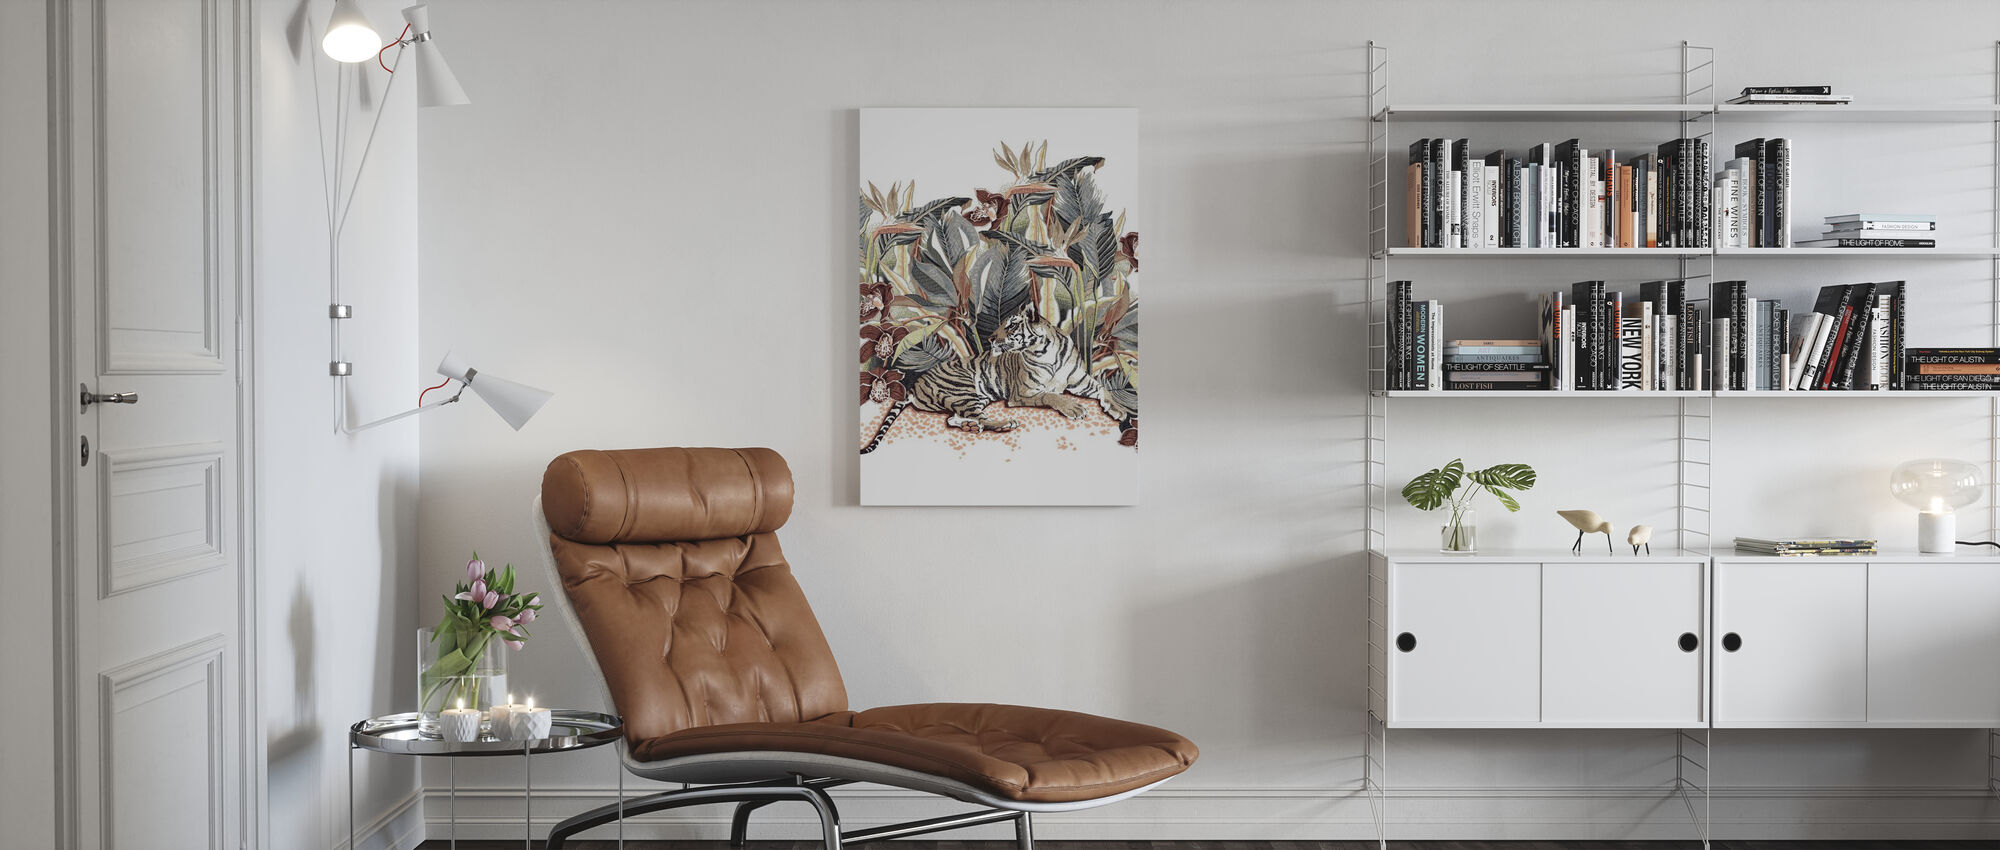 Rust Tijgerin - Chocolade en Staal - Canvas print - Woonkamer